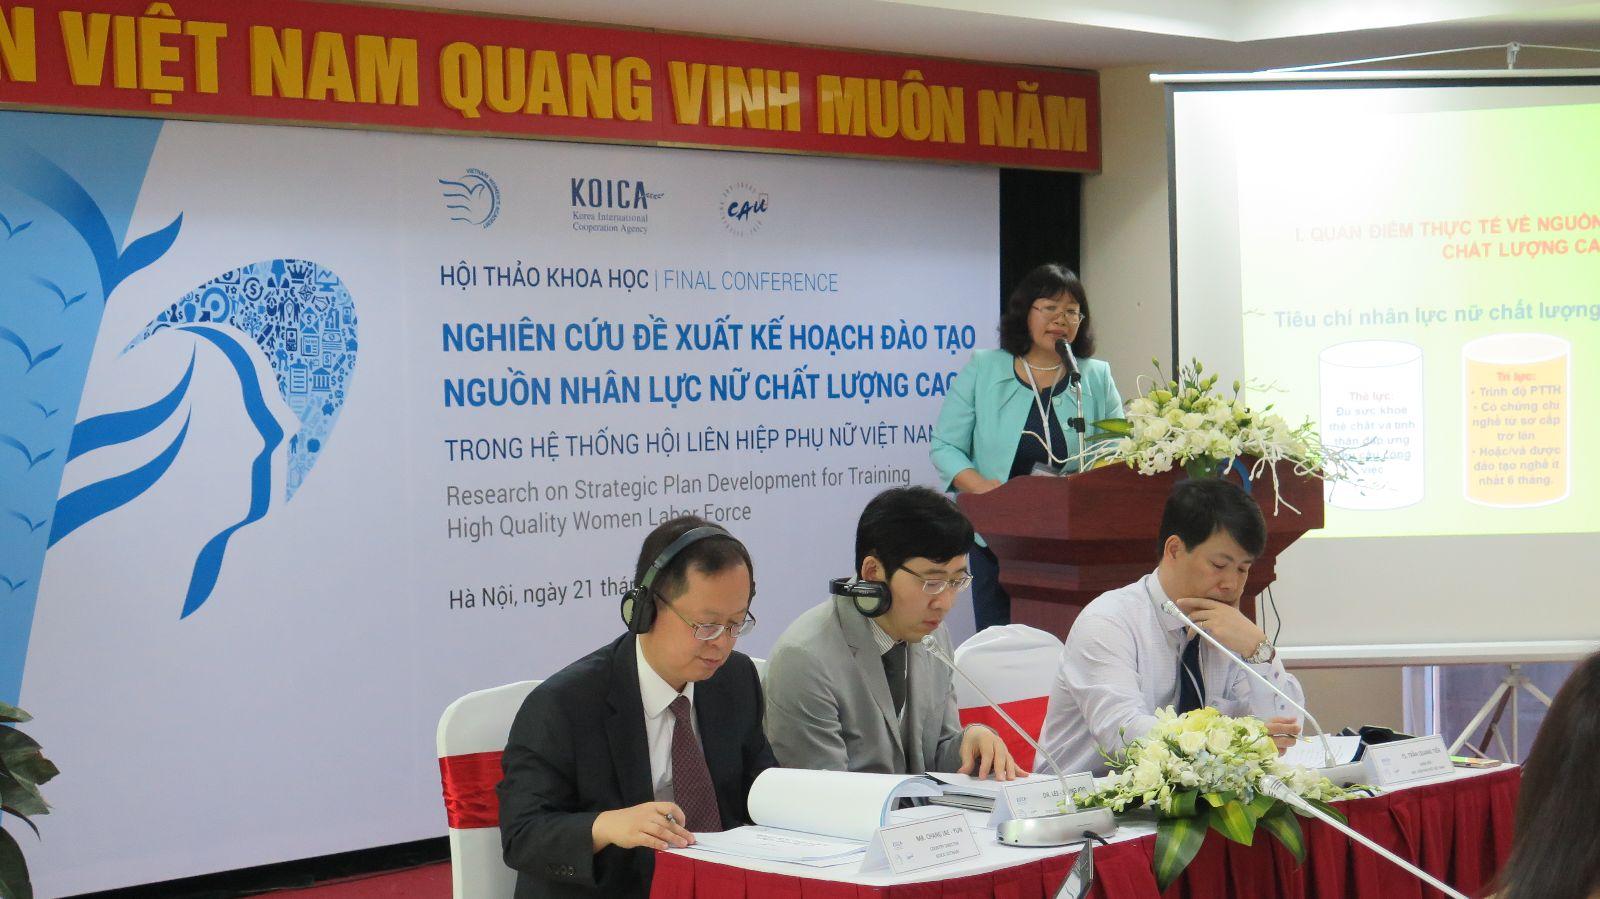 VOV: Đề xuất xây dựng nguồn nhân lực nữ chất lượng cao